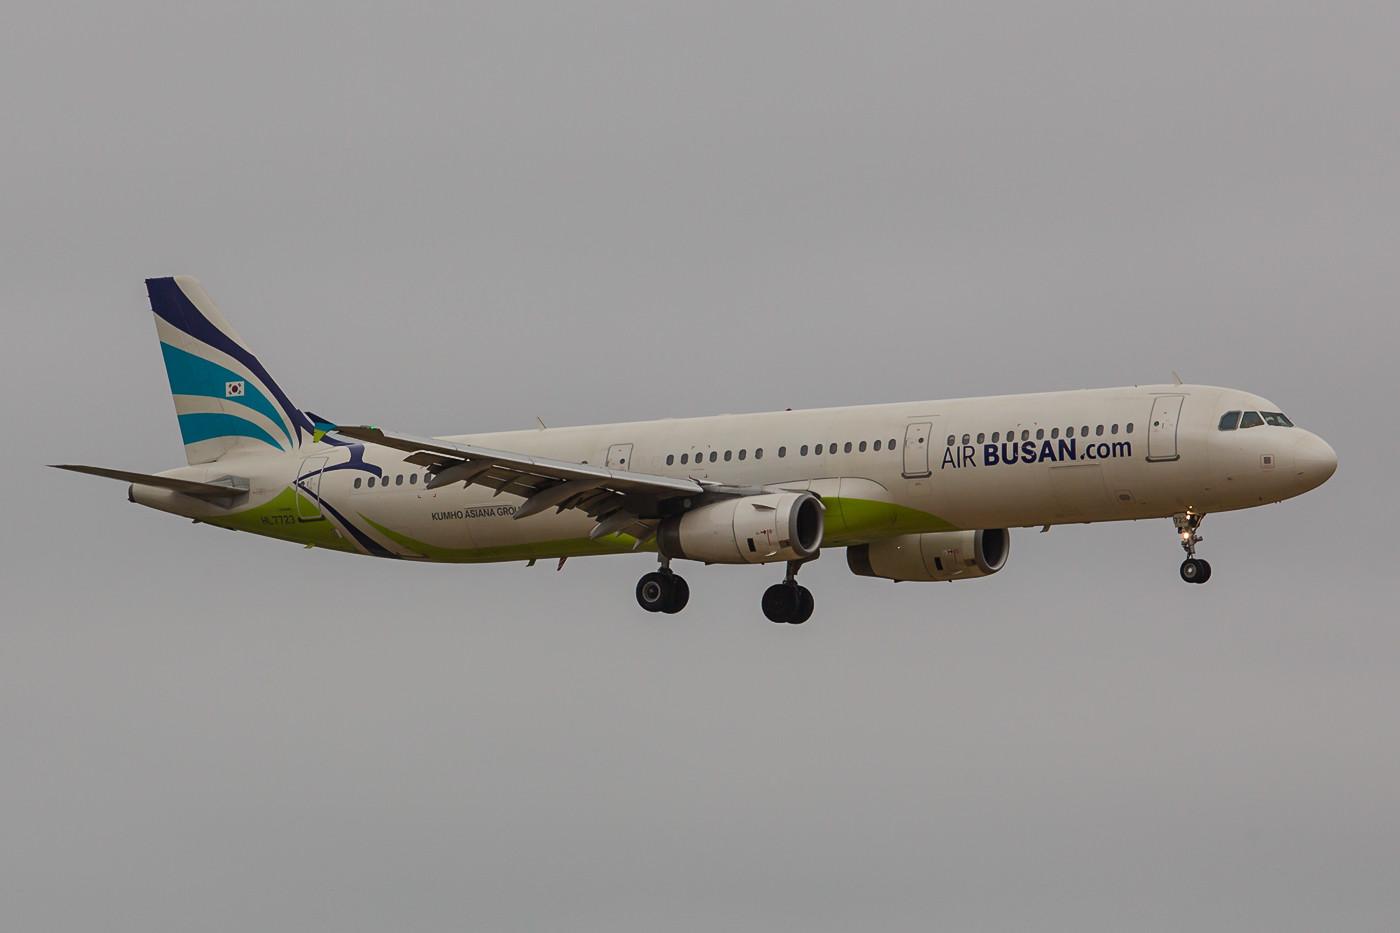 A 321 der Air Busan, die zur Asiana Group gehört.